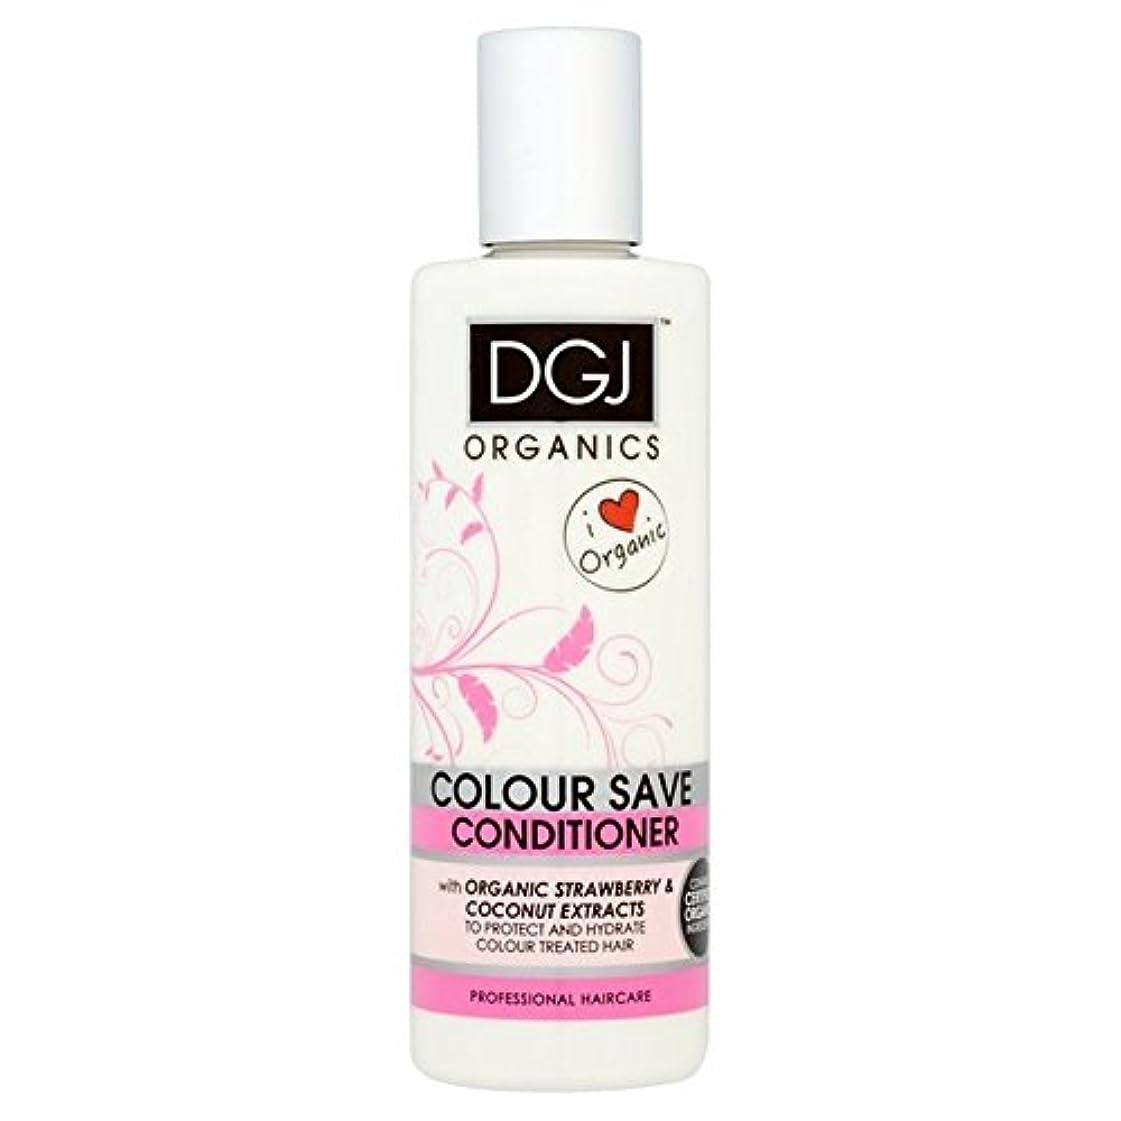 ご意見母性アルコール有機物の色コンディショナー250を保存 x2 - DGJ Organics Colour Save Conditioner 250ml (Pack of 2) [並行輸入品]